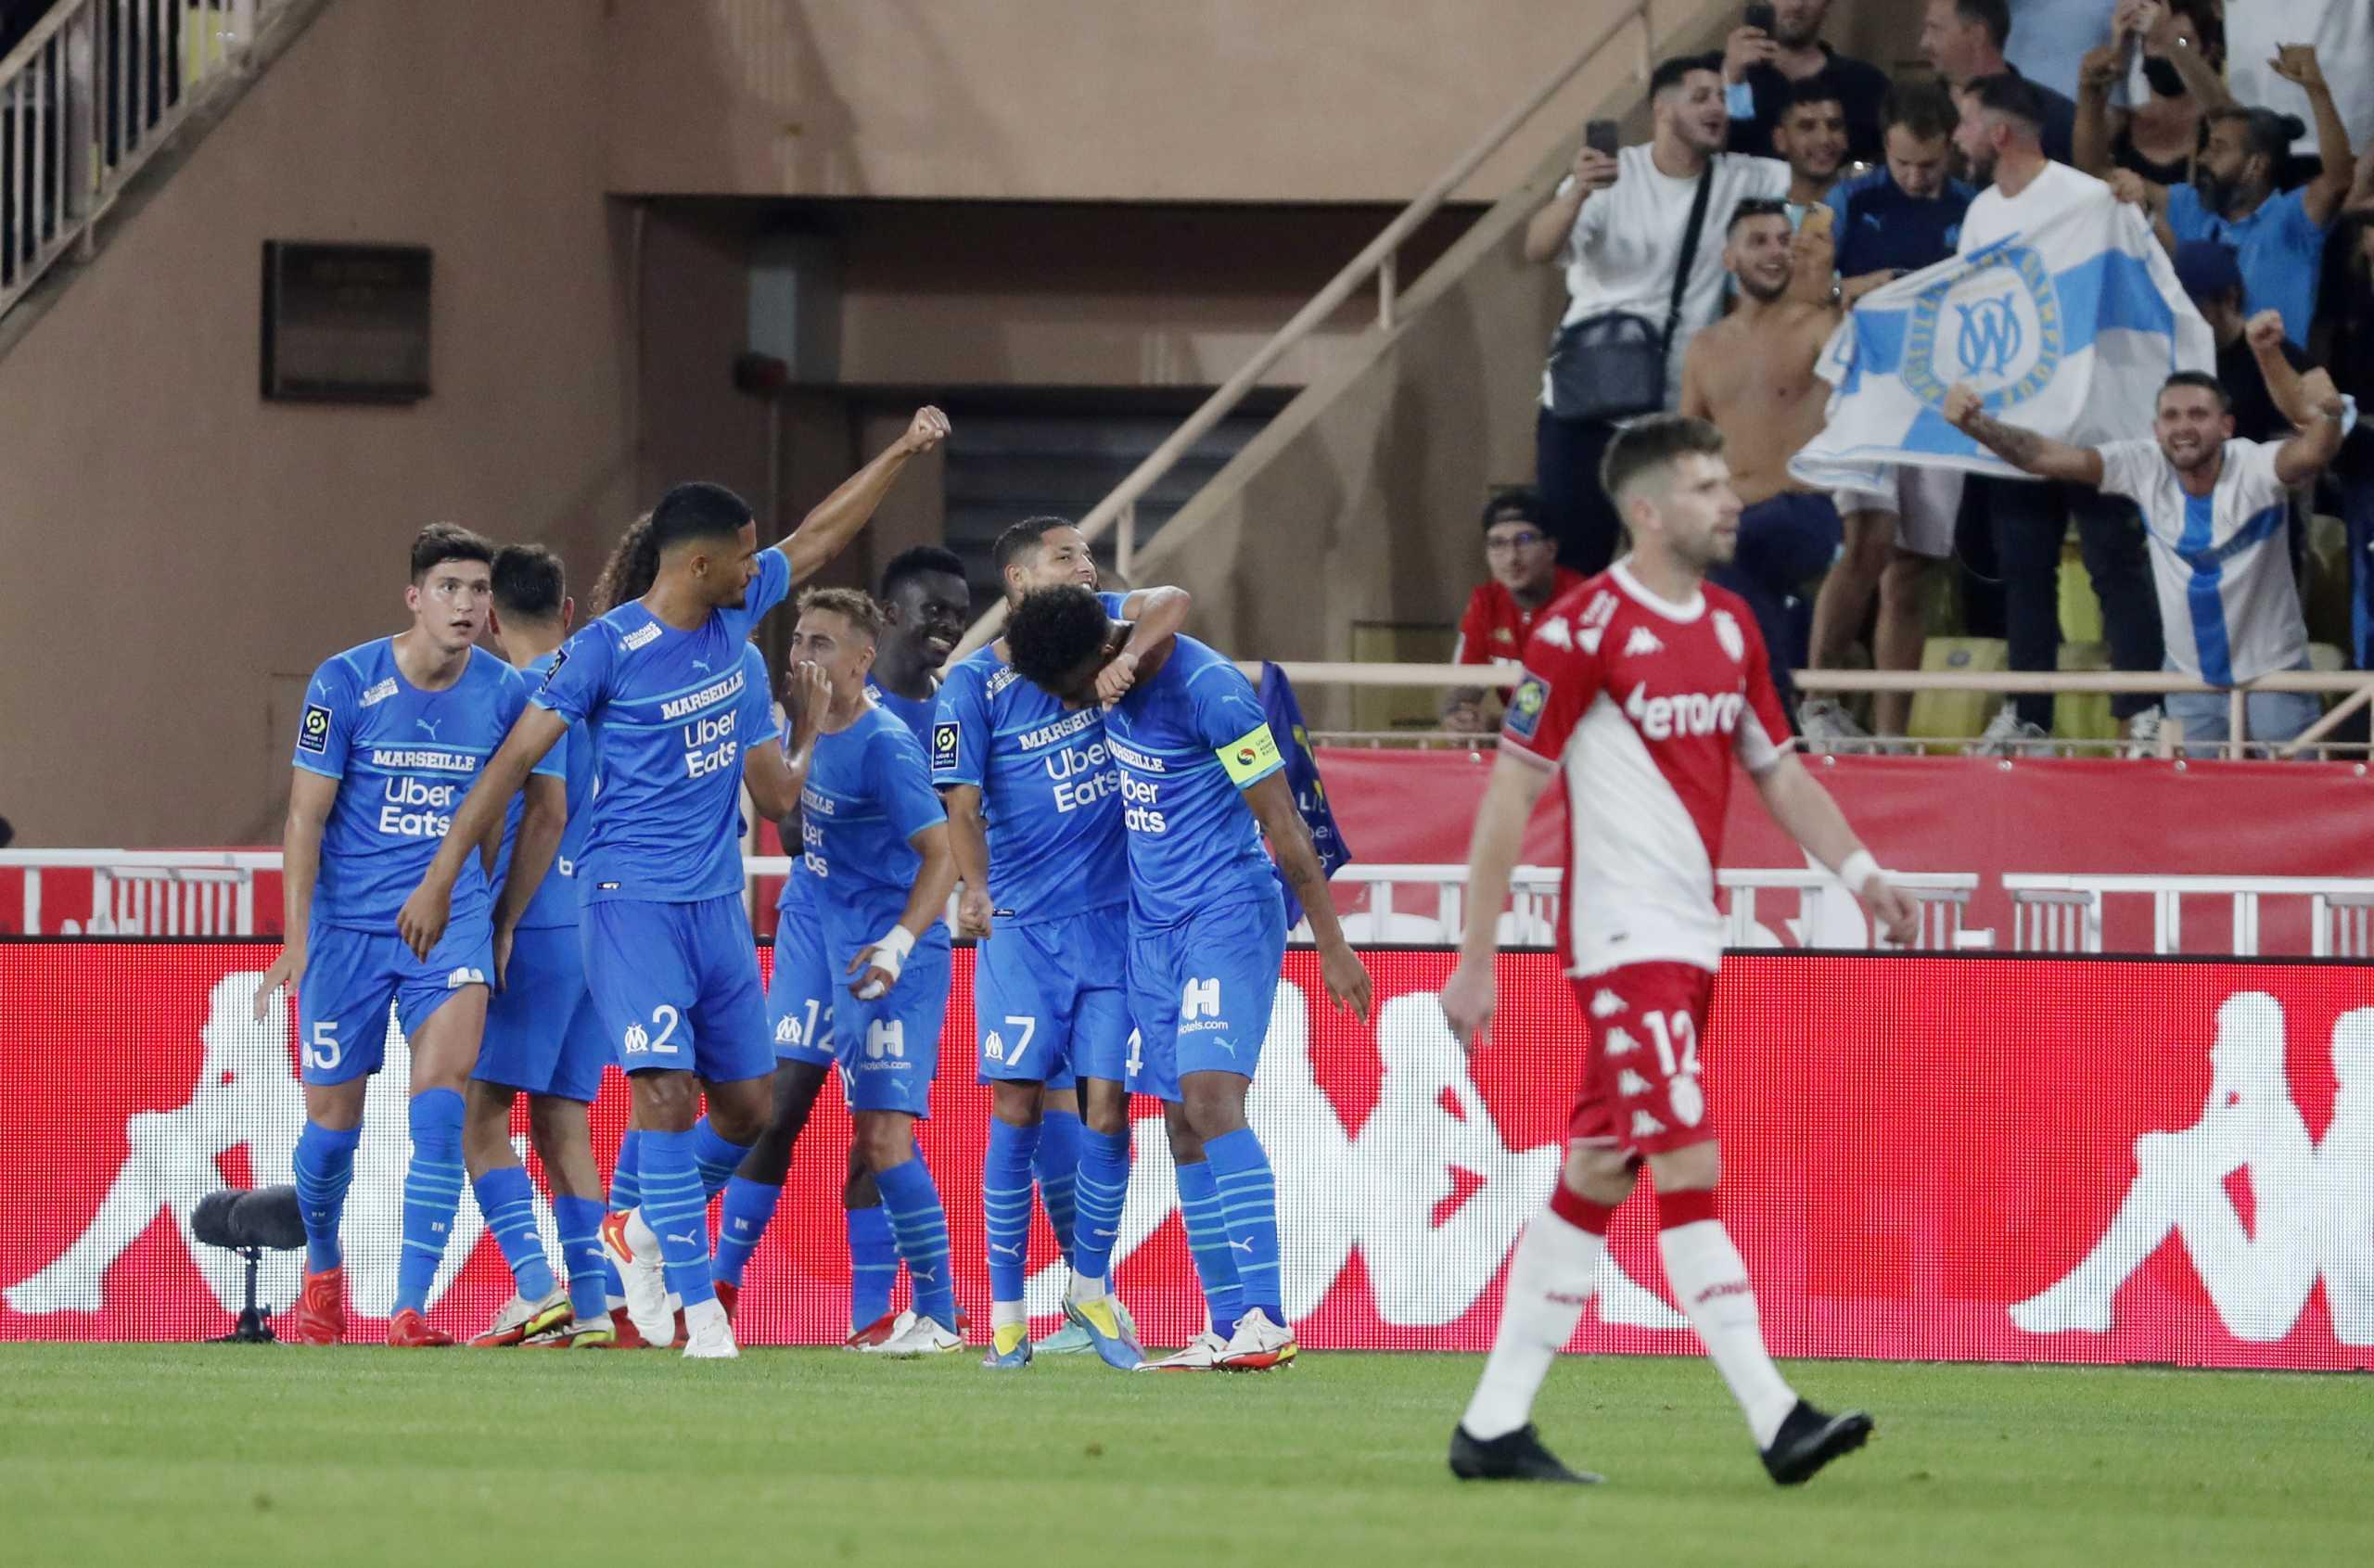 Μονακό – Μαρσέιγ 0-2: Άνετο «πέρασμα» με Ντιένγκ